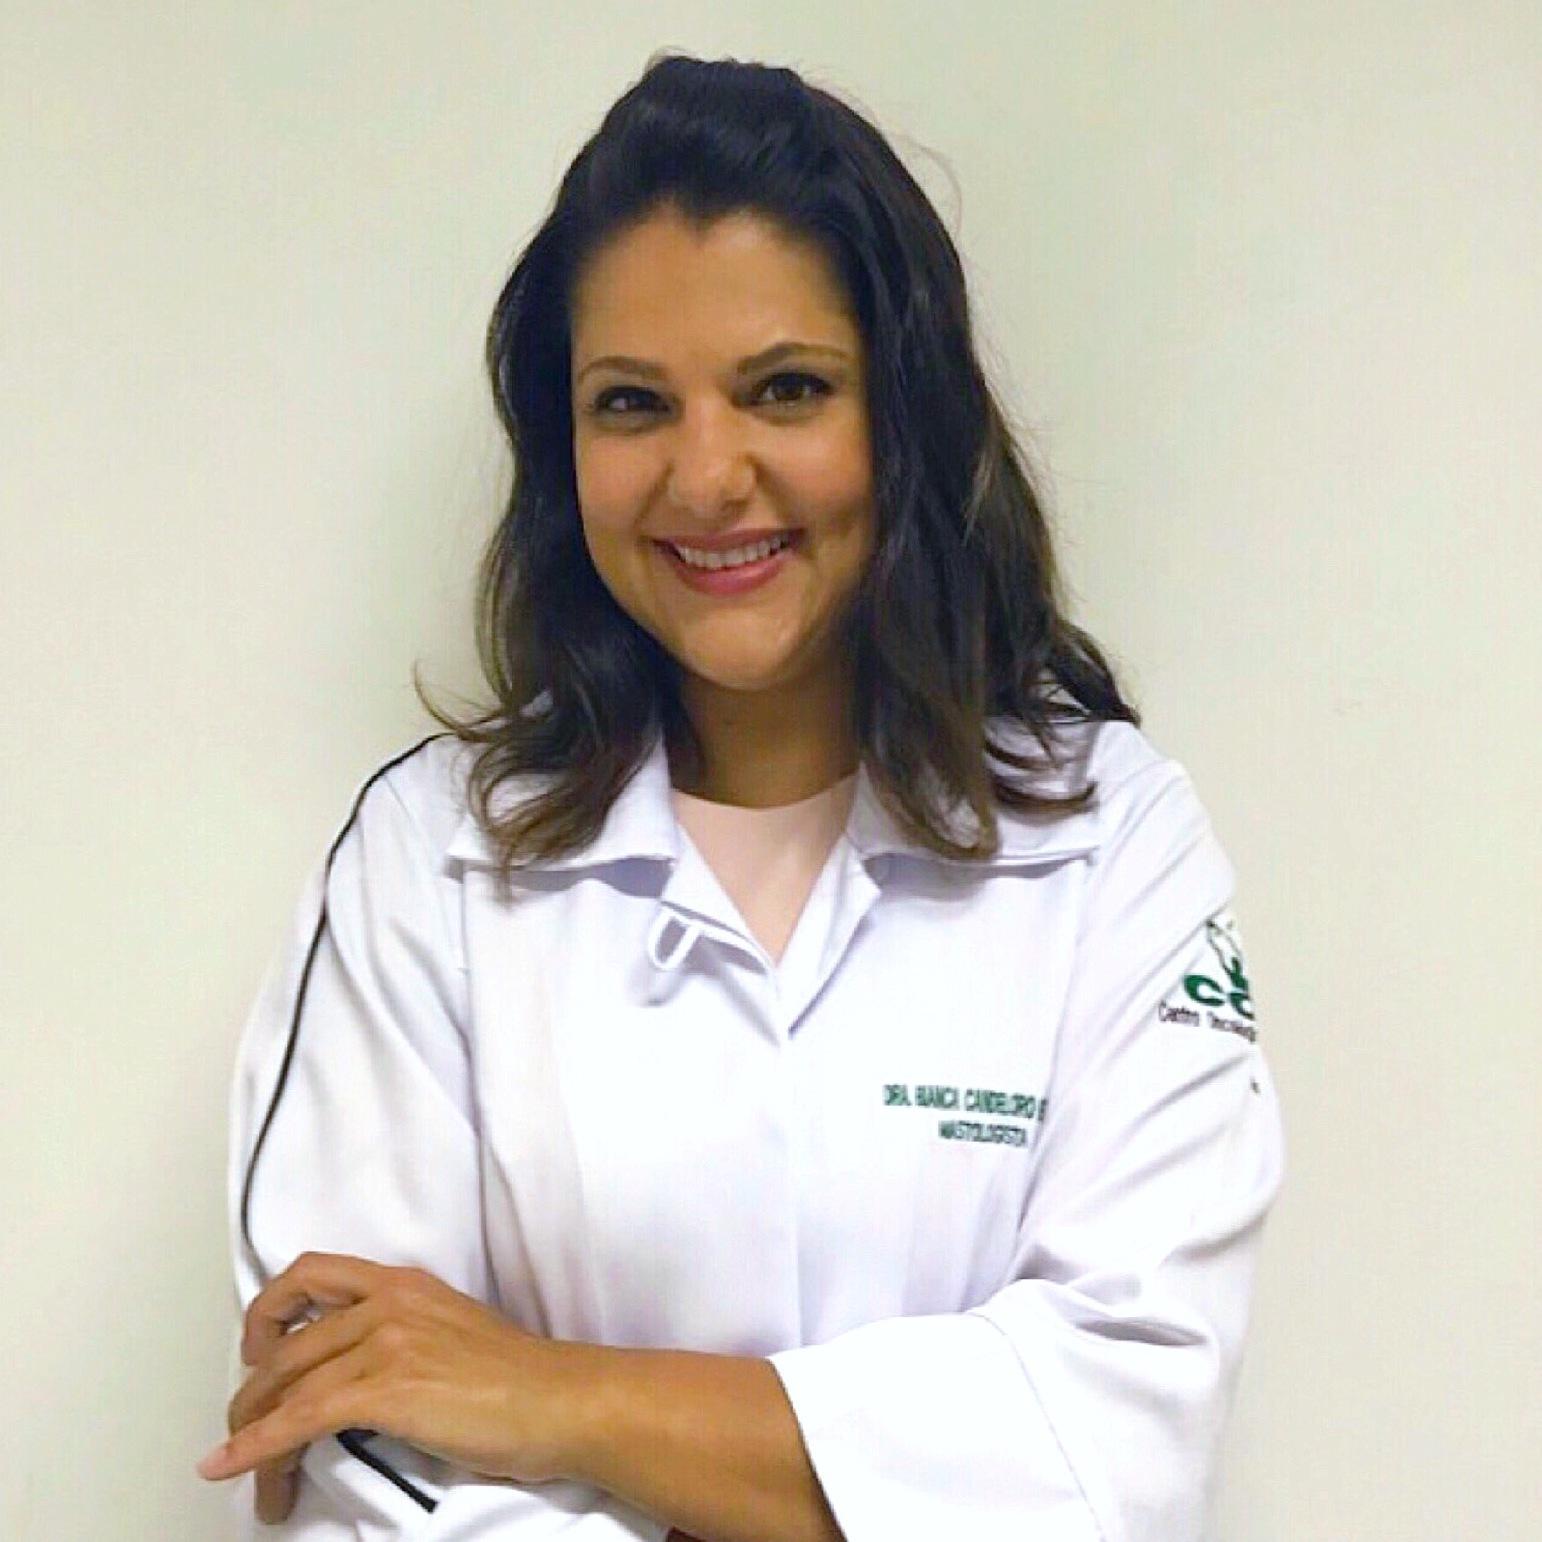 Bianca Candeloro de Faria